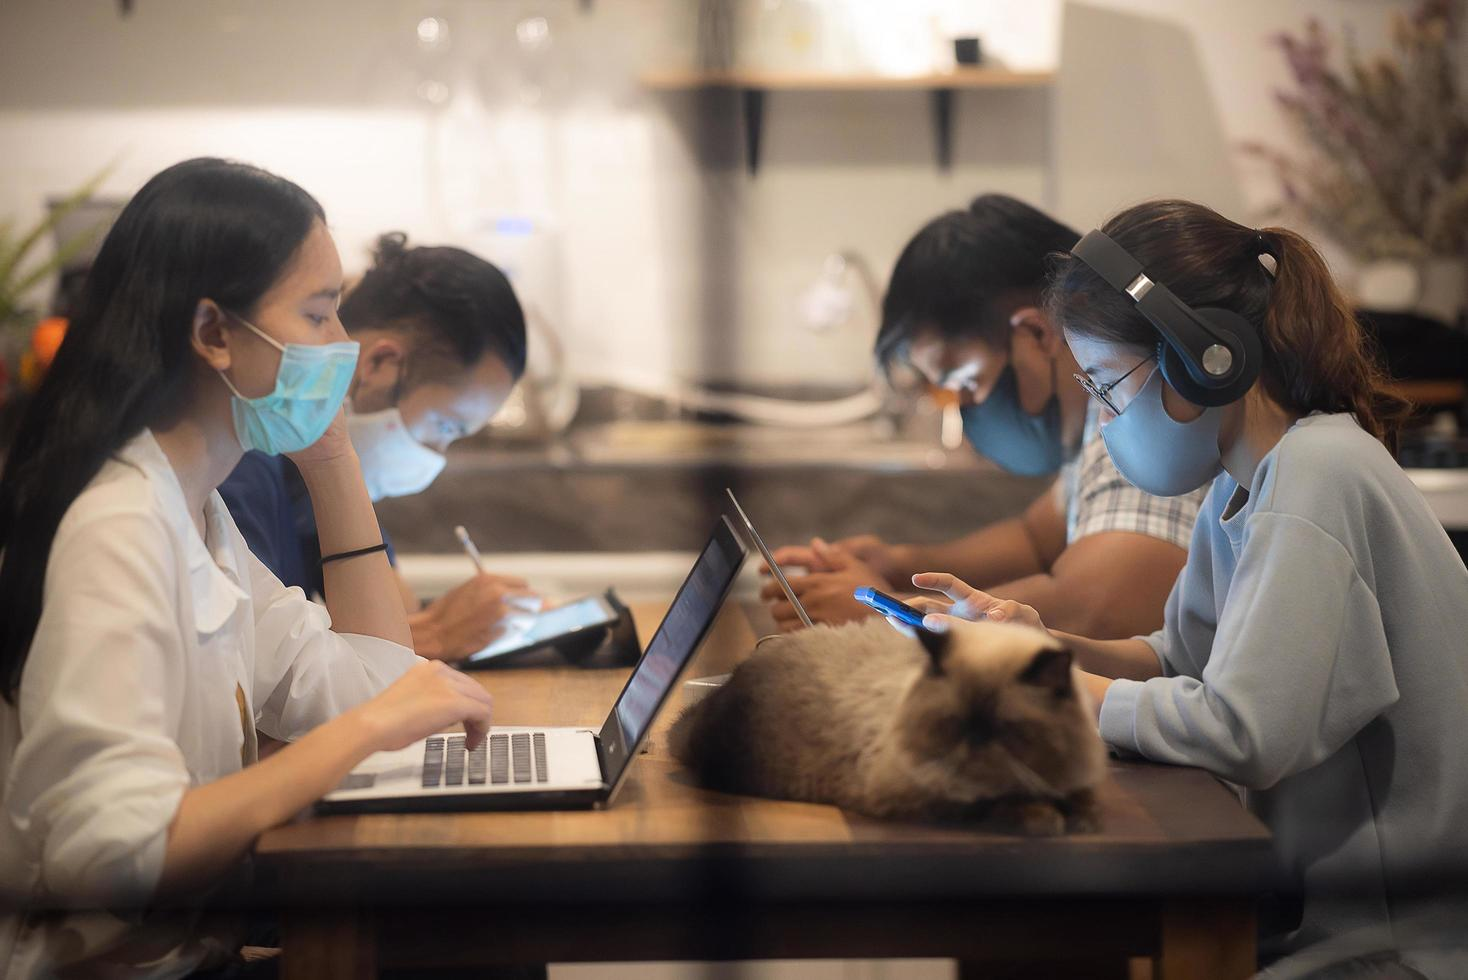 Kreatives Arbeiterteam mit Gesichtsmasken foto